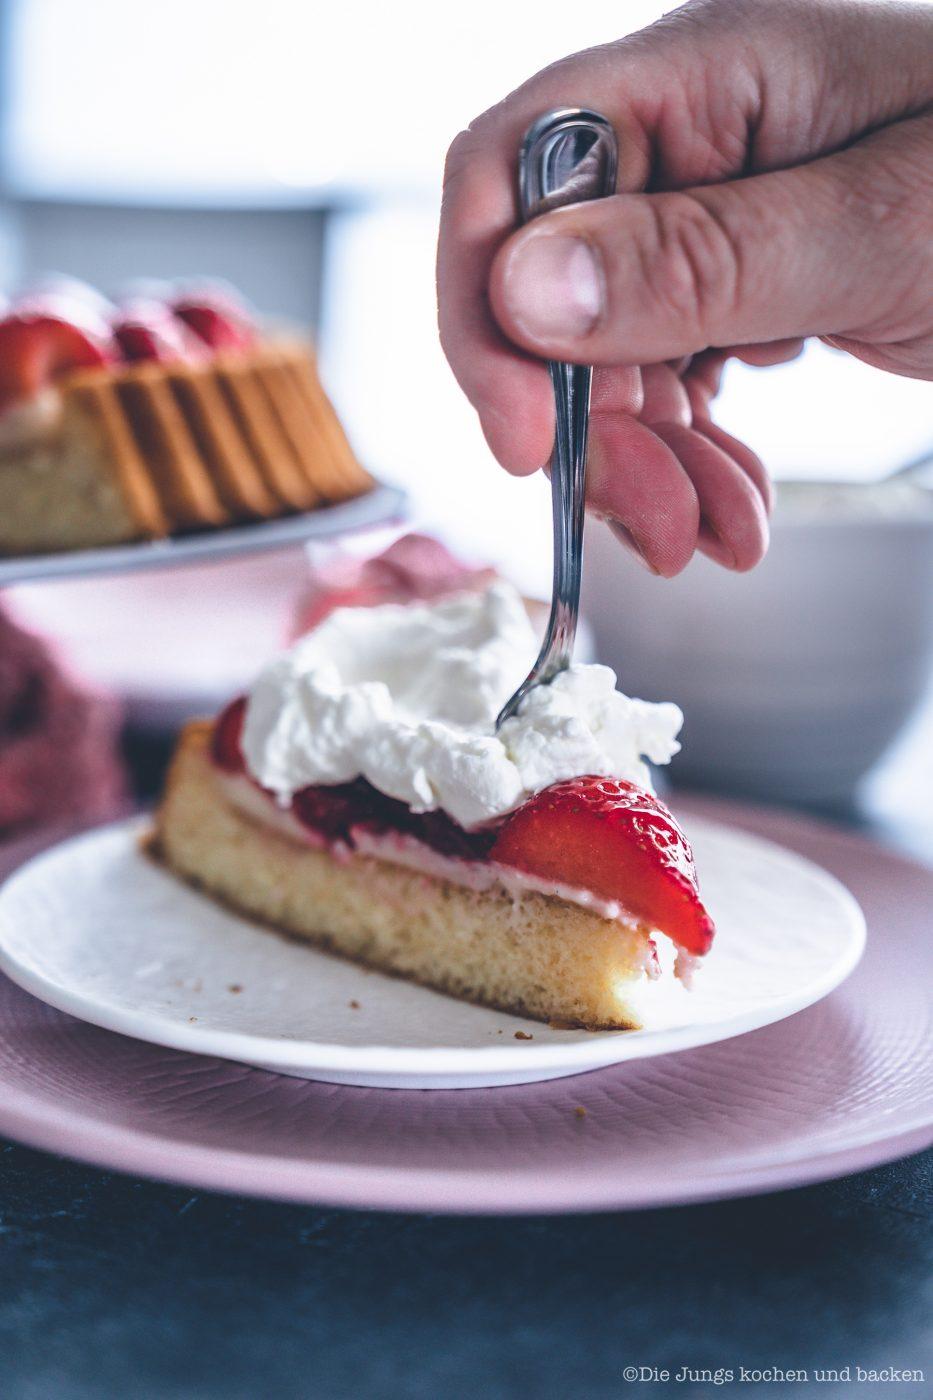 Erdbeerkuchen mit Pudding 12 | Heute kommen wir wieder mit einem schnellen Klassiker von zu Hause. Eine ganz klassischee Erdbeerkuchen mit Pudding. Ein simpler Obstboden mit etwas Puddingcreme und frischen Erdbeeren drauf. Das ist auch wieder so etwas, dass Oma Lore früher immer schnell mal so aus dem Nichts gezaubert hat. Immer dann, wenn entweder unangekündigter Besuch vor der Türe stand oder sie die Erdbeeren aus dem Garten verarbeiten wollte, damit sie sich nicht zu lange im Kühlschrank stapelten.